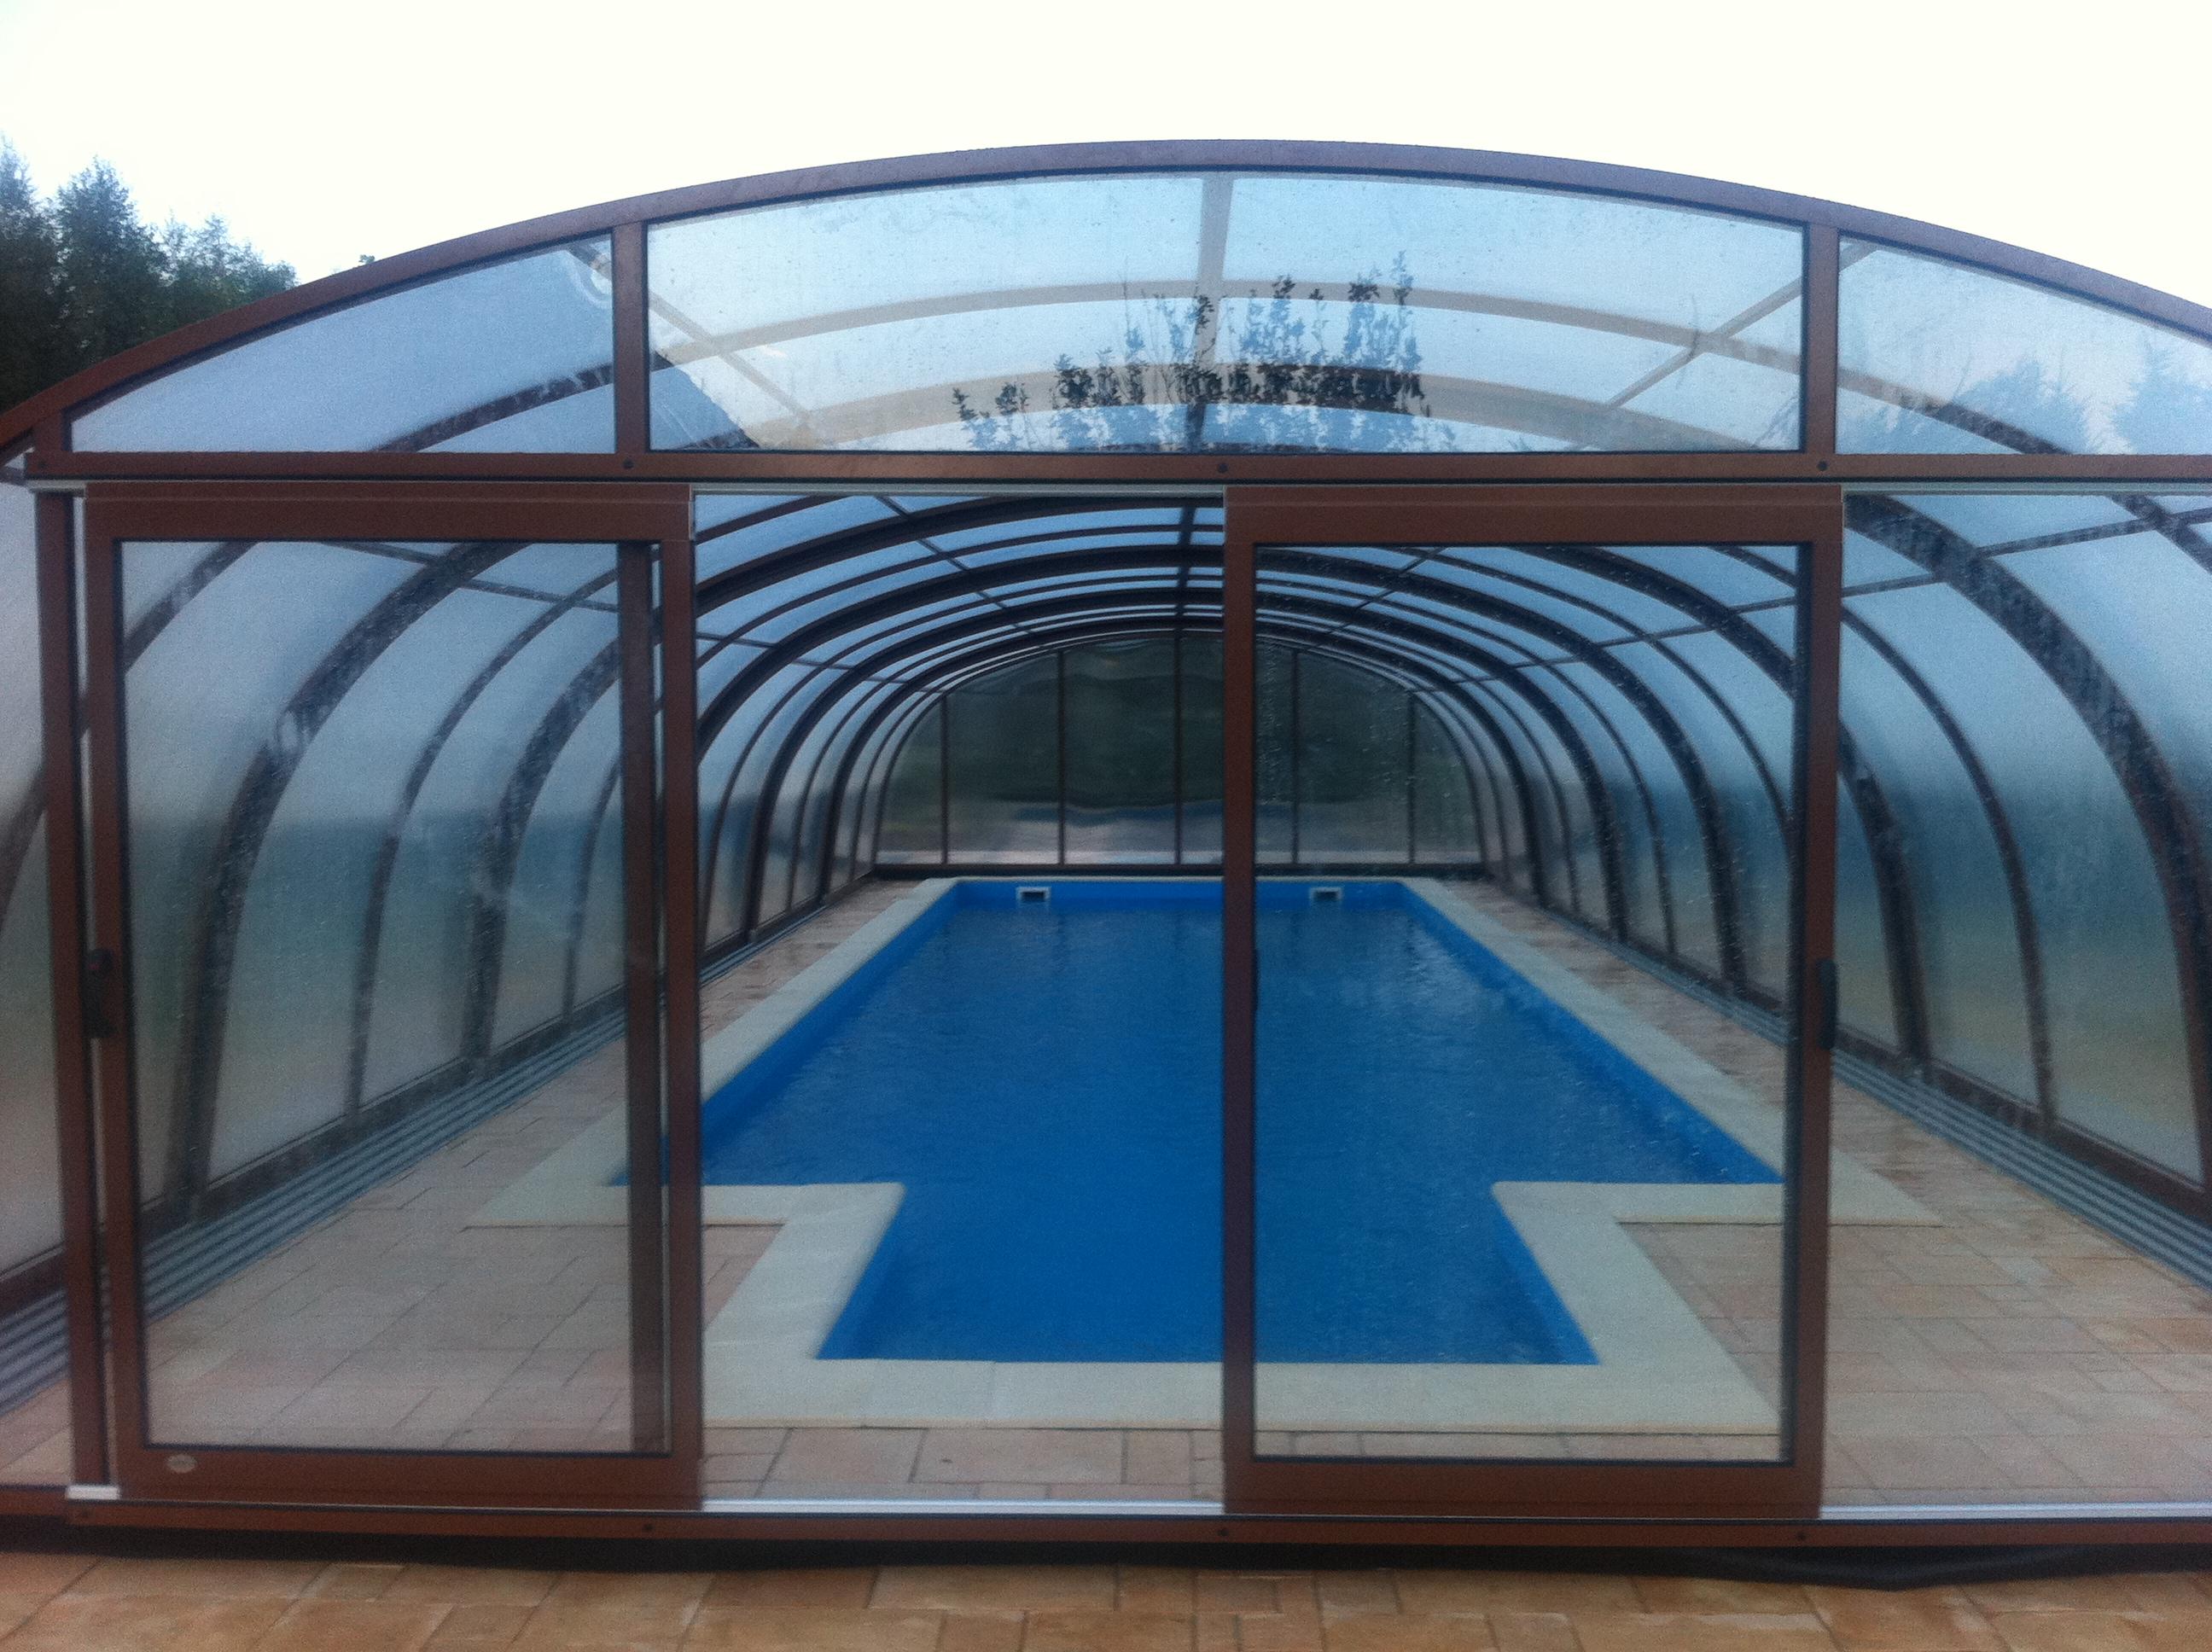 Nowoczesna architektura Zadaszenia basenowe TD84